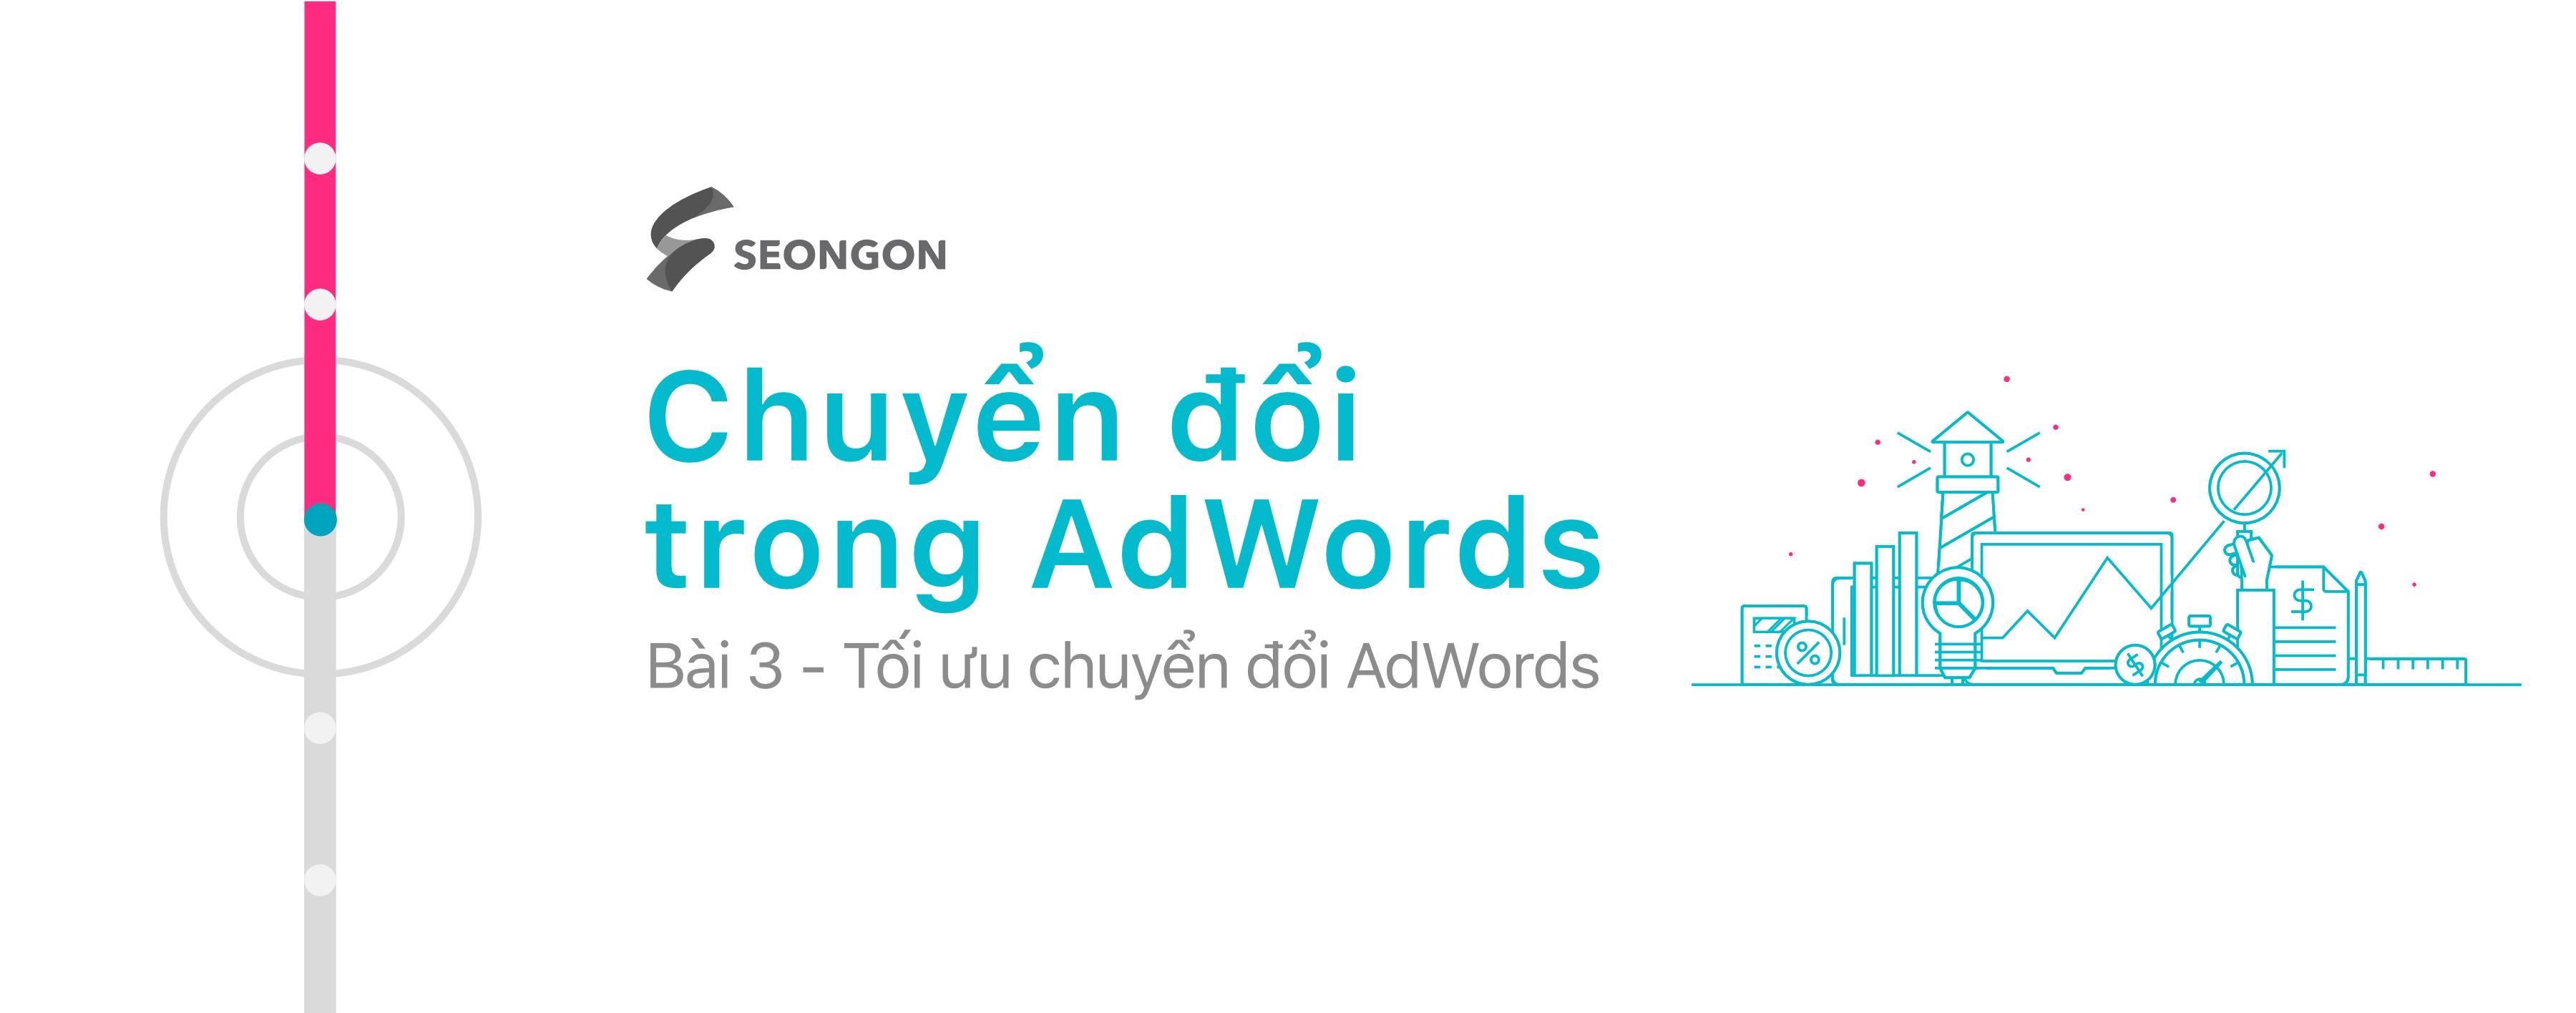 Google AdWords: 10 thao tác kỹ thuật giúp tối ưu chuyển đổi